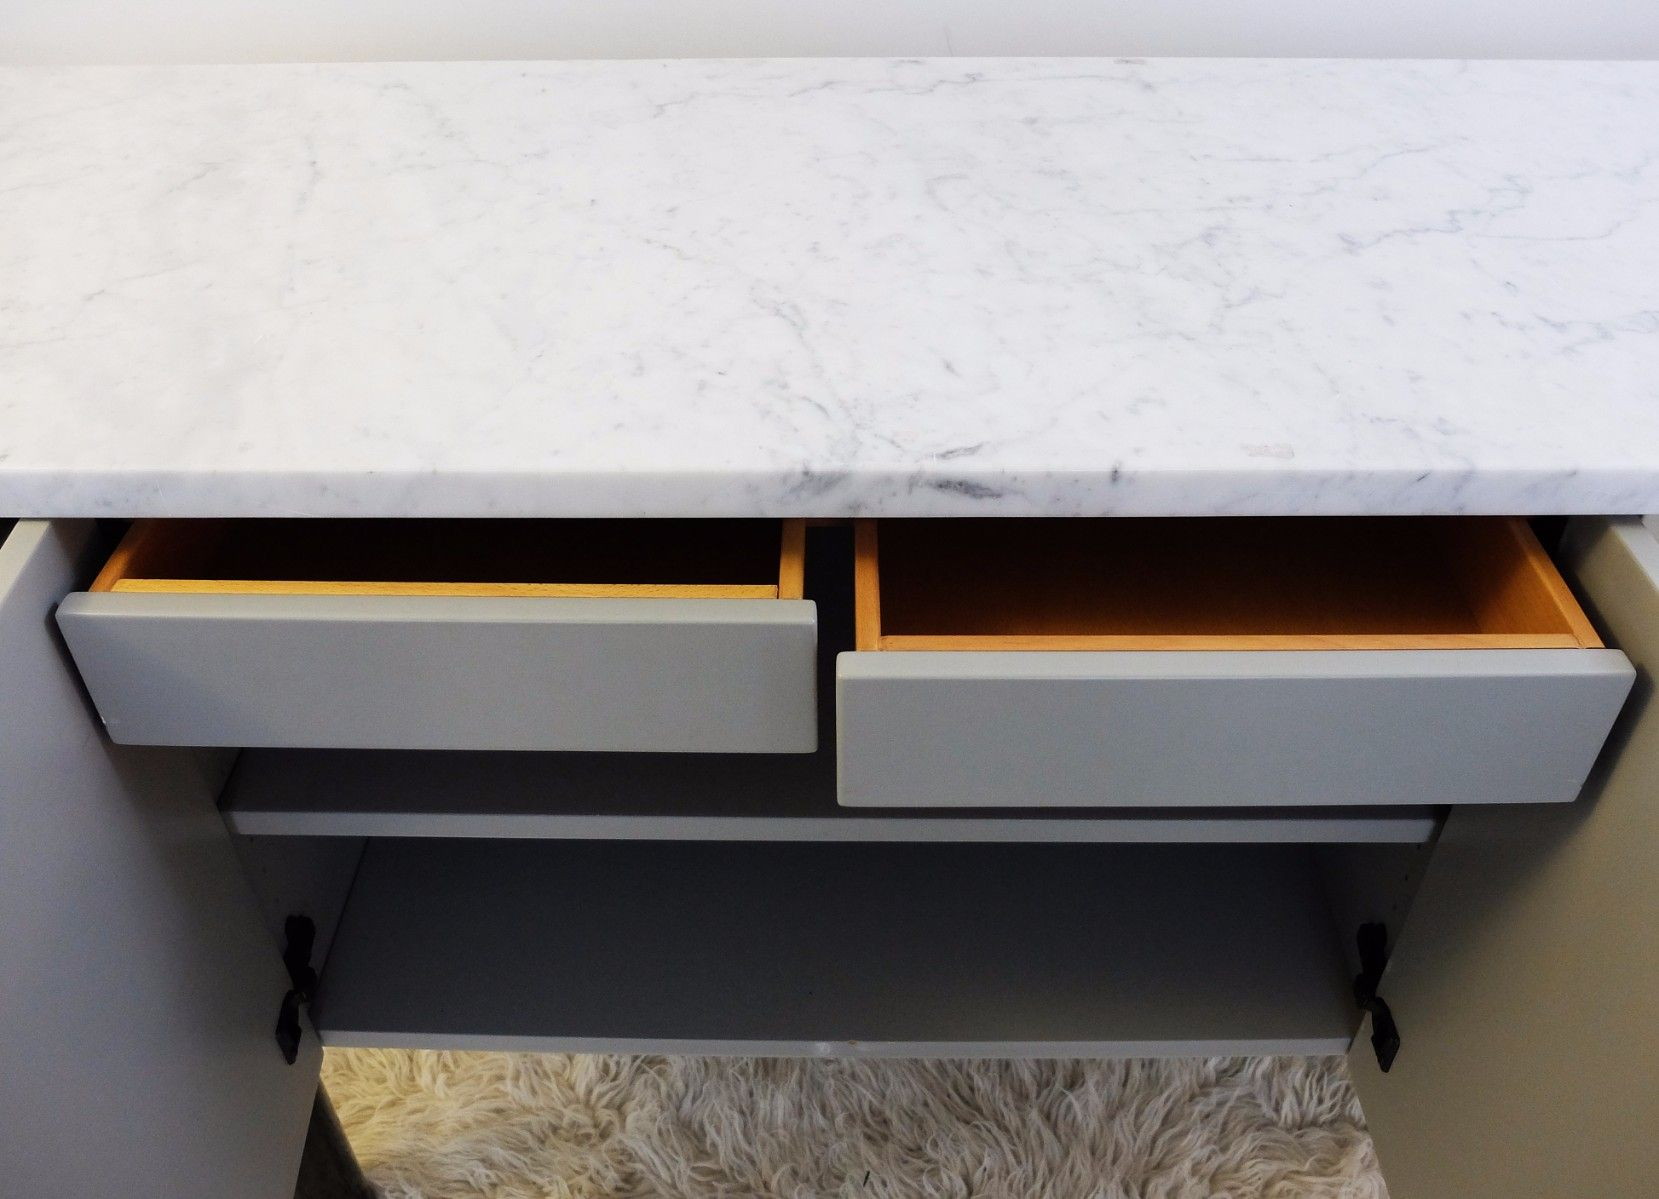 Credenza Con Ripiano In Marmo : Credenza vintage con ripiano in marmo vendita su pamono